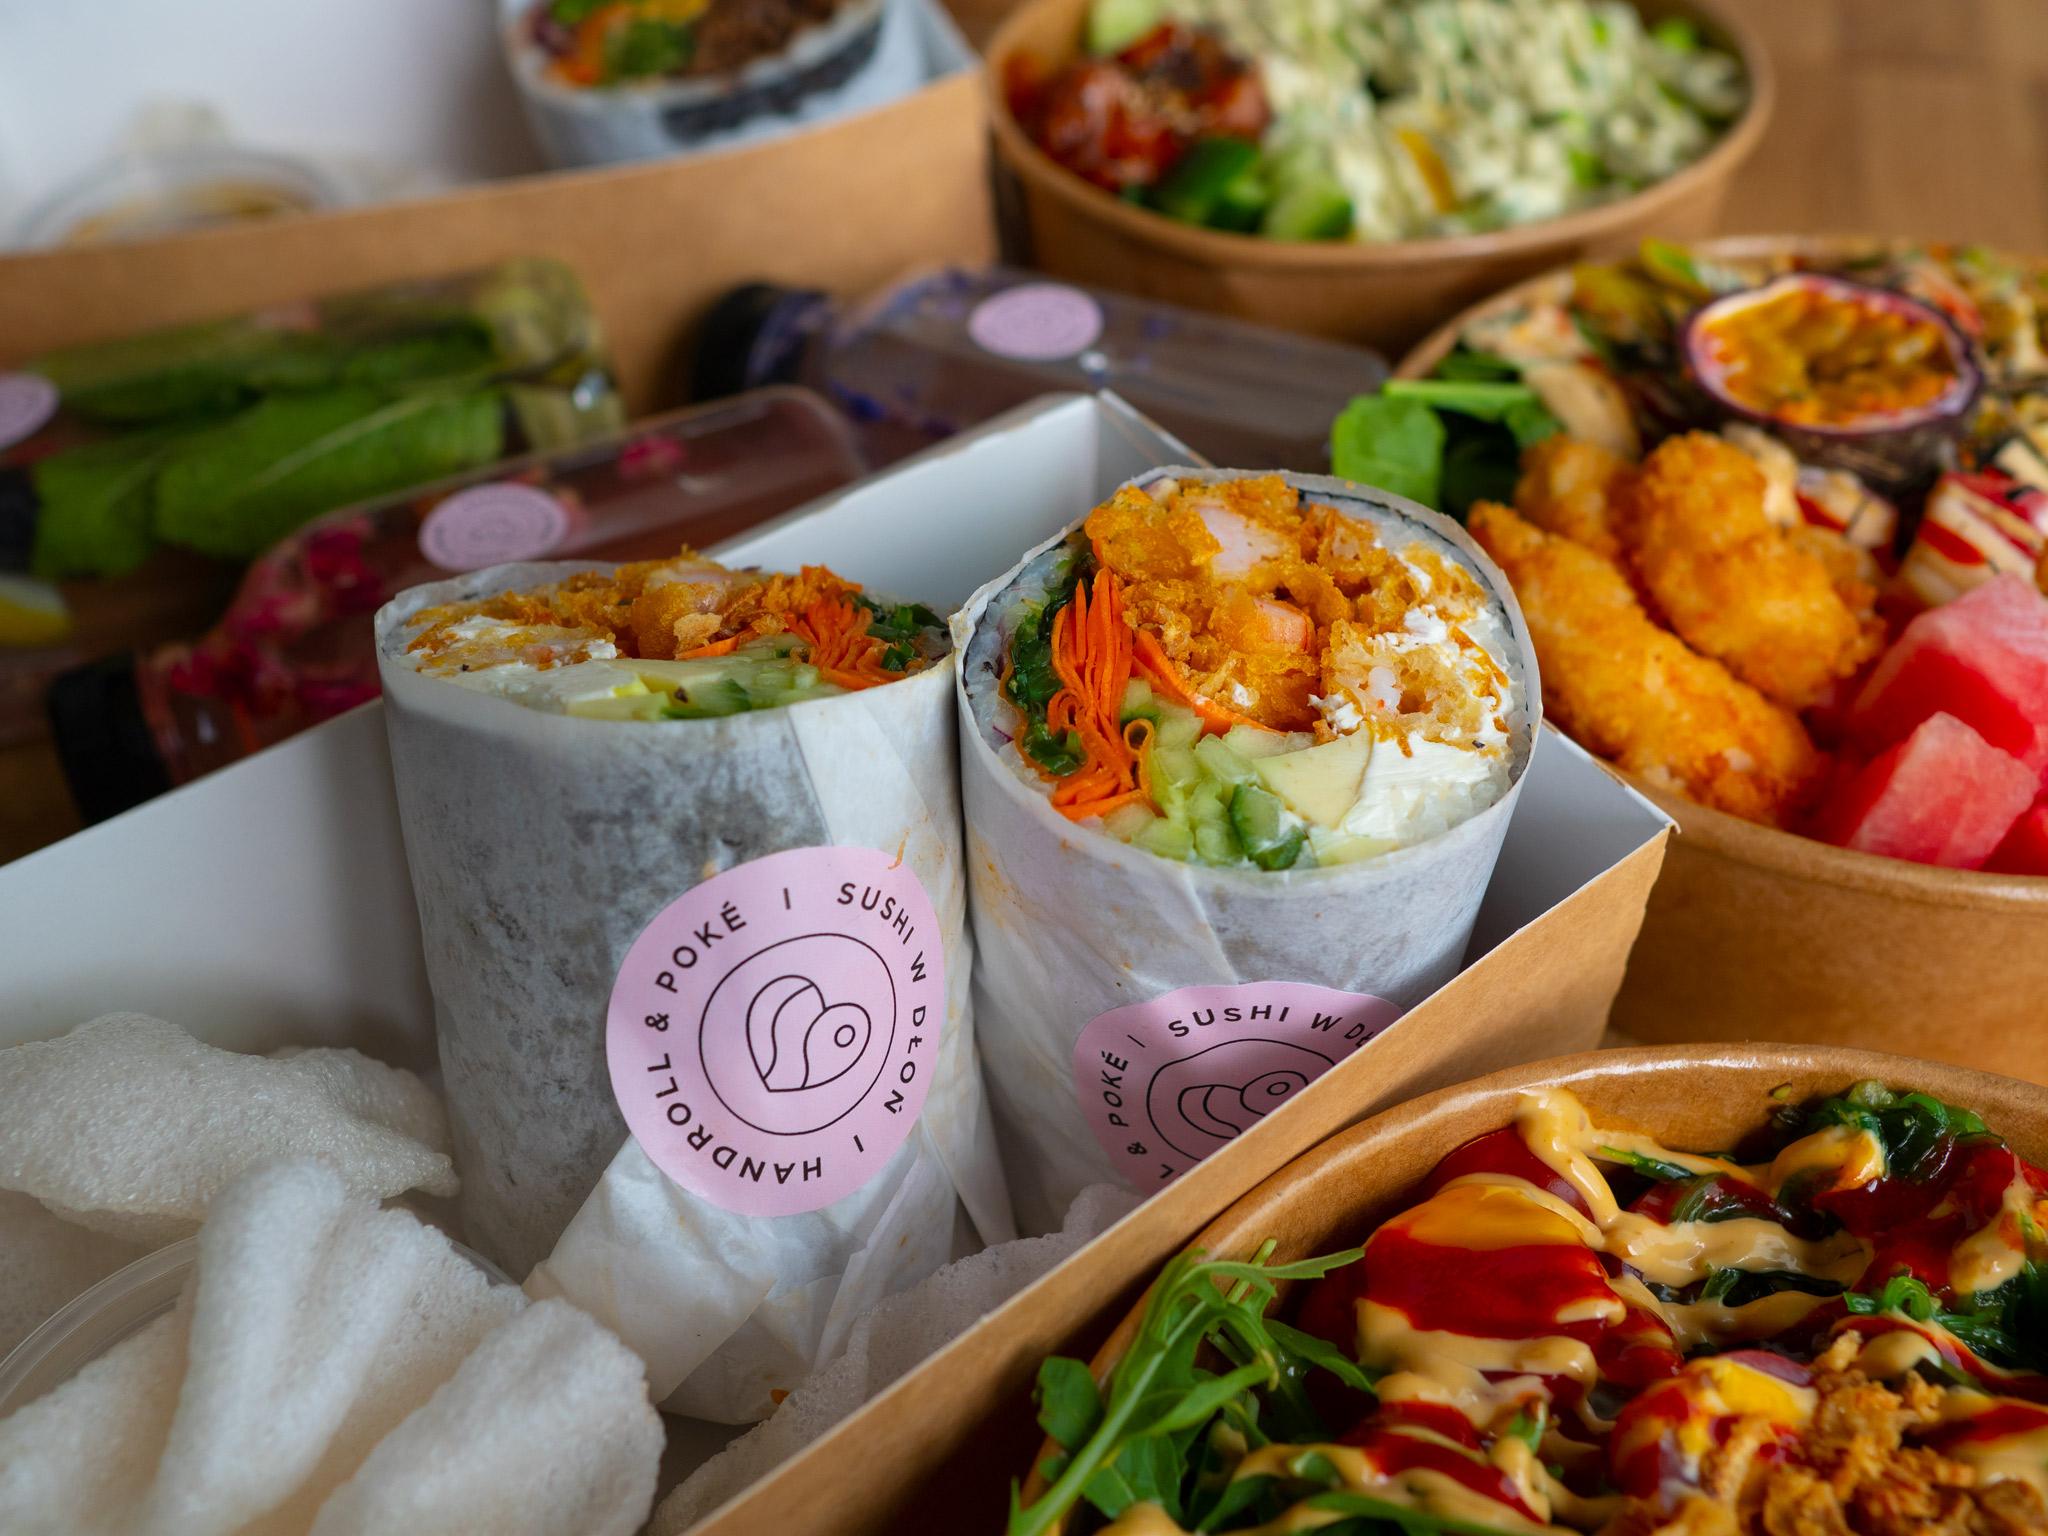 Na zdjęciu widać sushiburrito i bowle w opakowaniach na wynos.